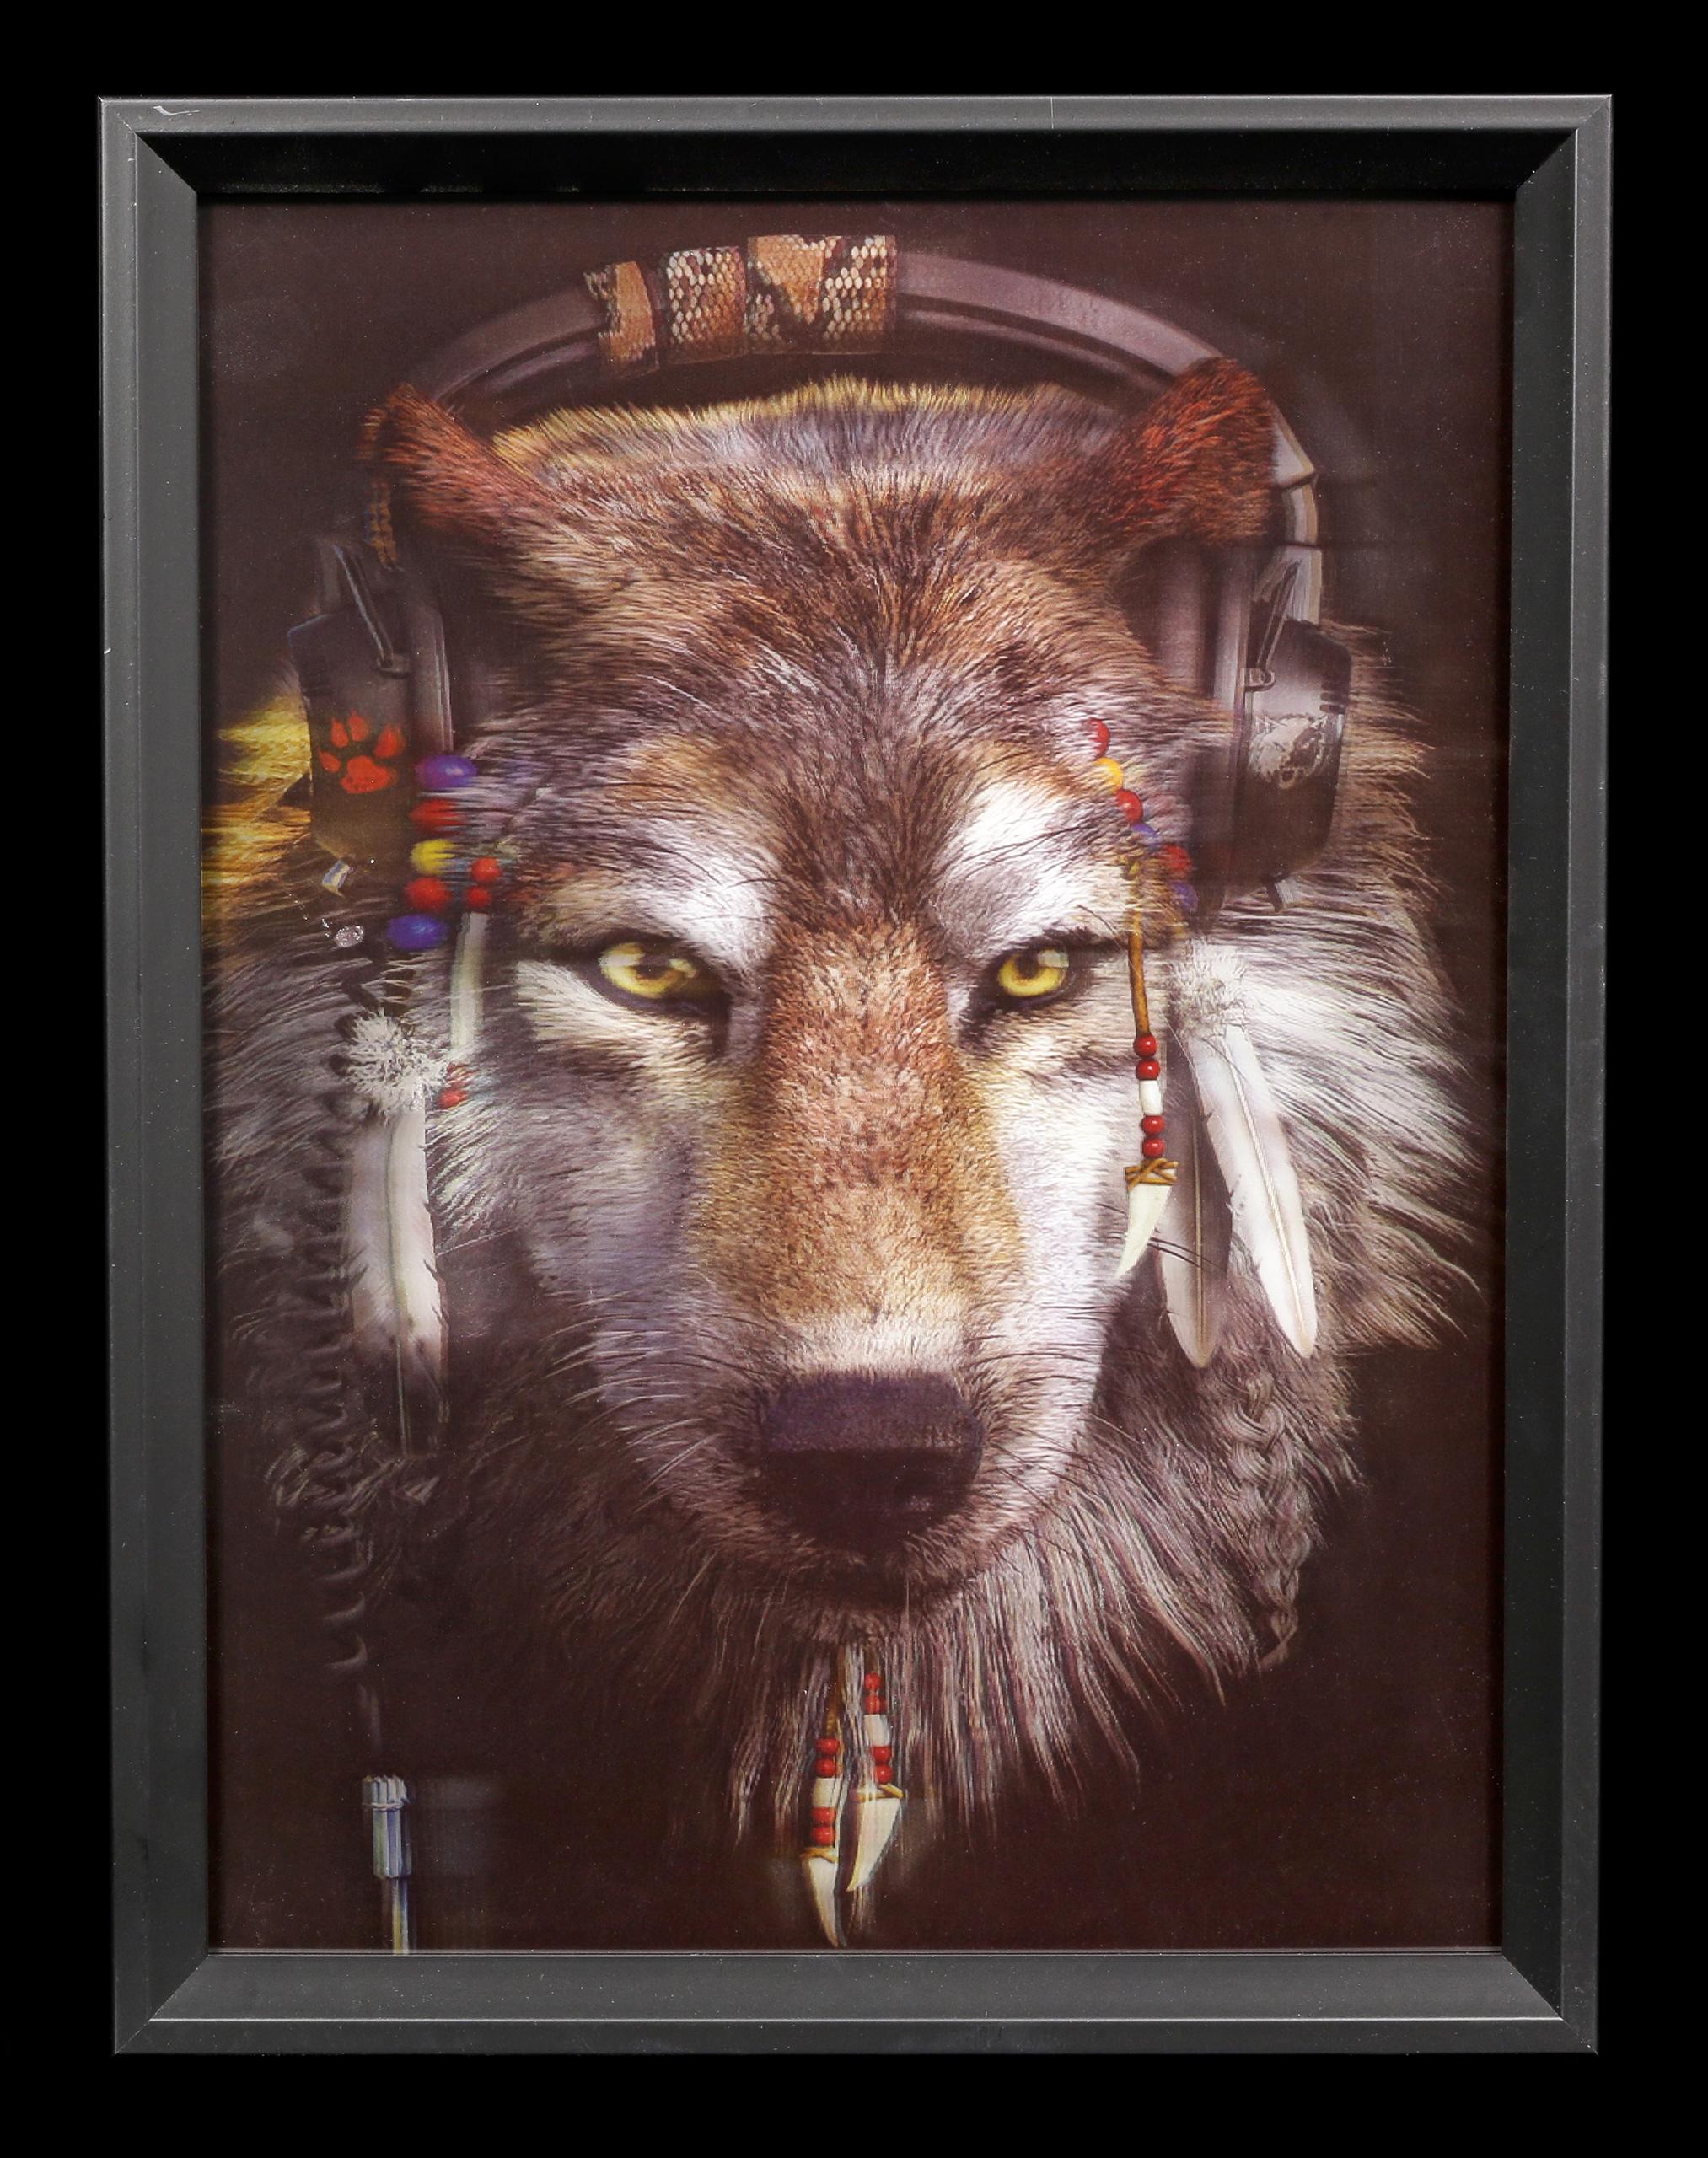 wolfs deko dekoration mit w lfen online kaufen www. Black Bedroom Furniture Sets. Home Design Ideas